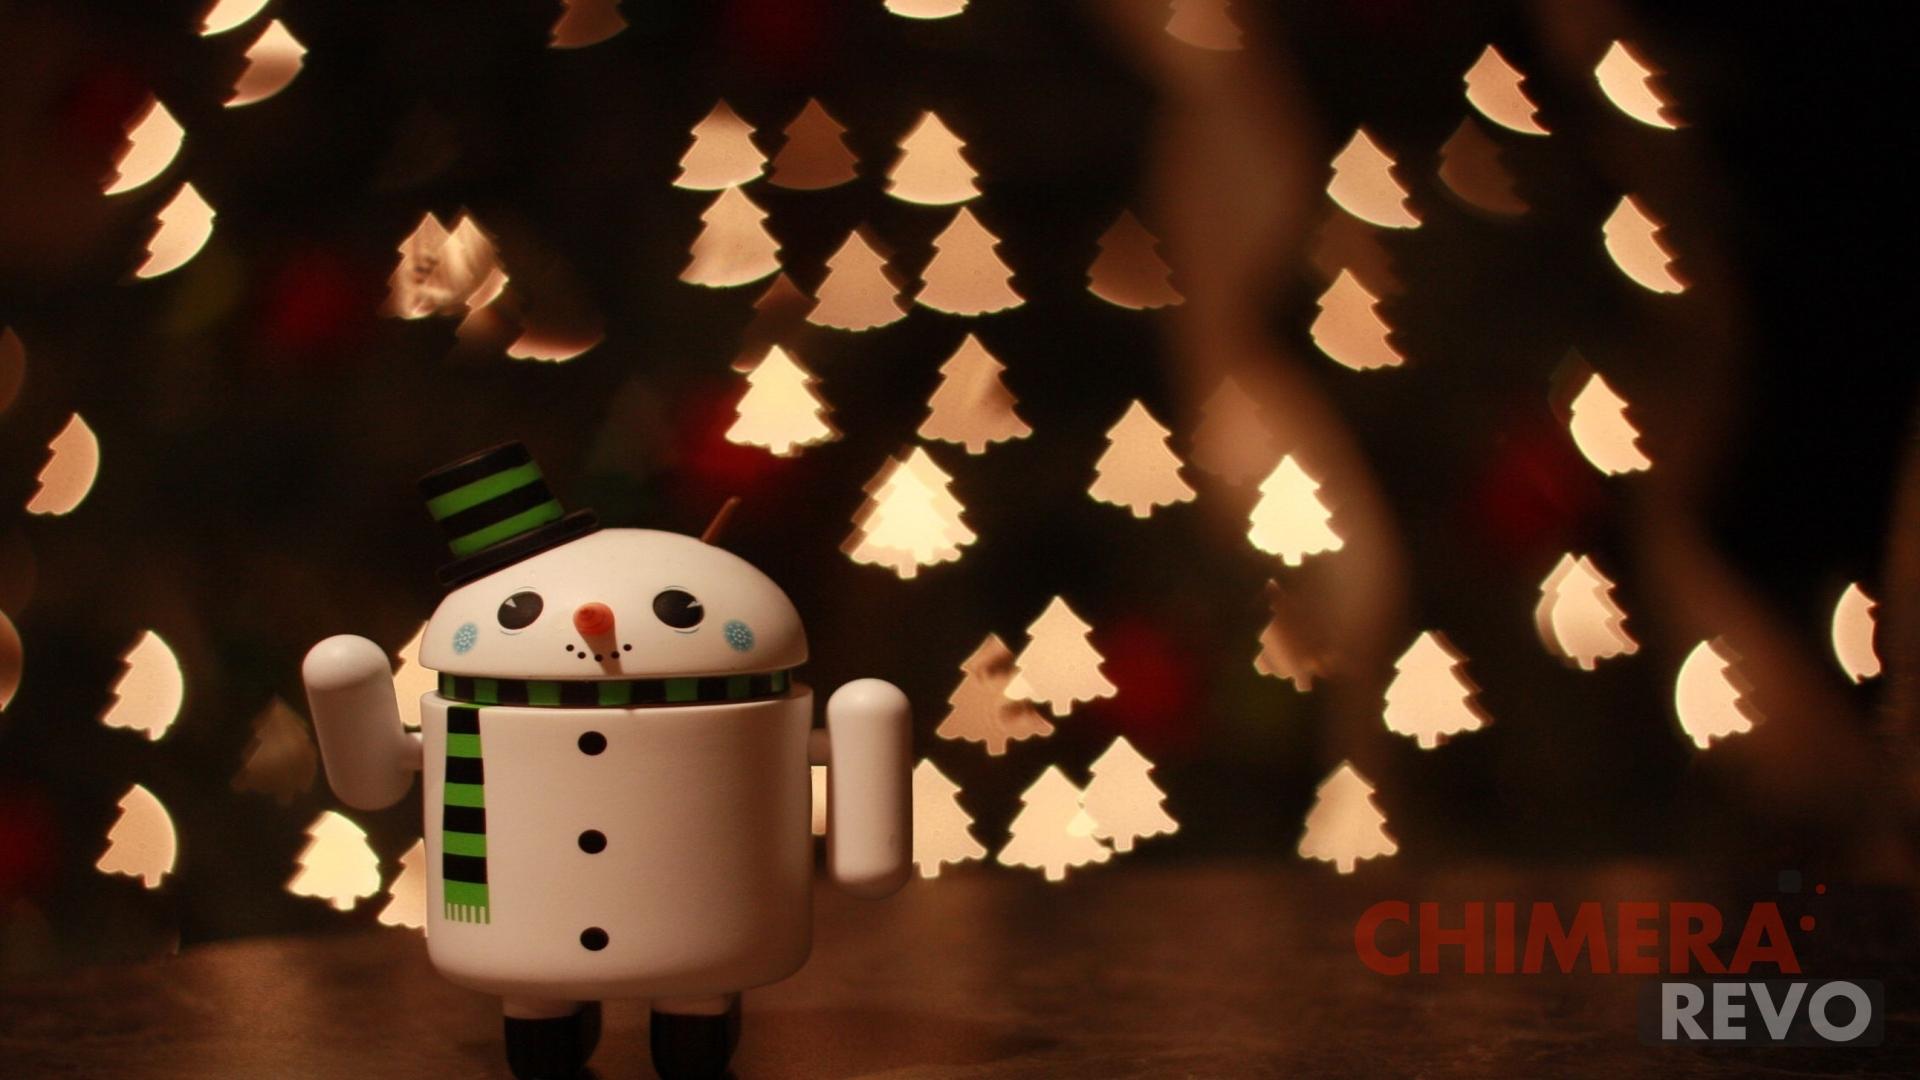 Sfondi Natalizi Tablet.16 Bellissimi Sfondi Di Natale Per Pc Smartphone E Tablet Chimerarevo